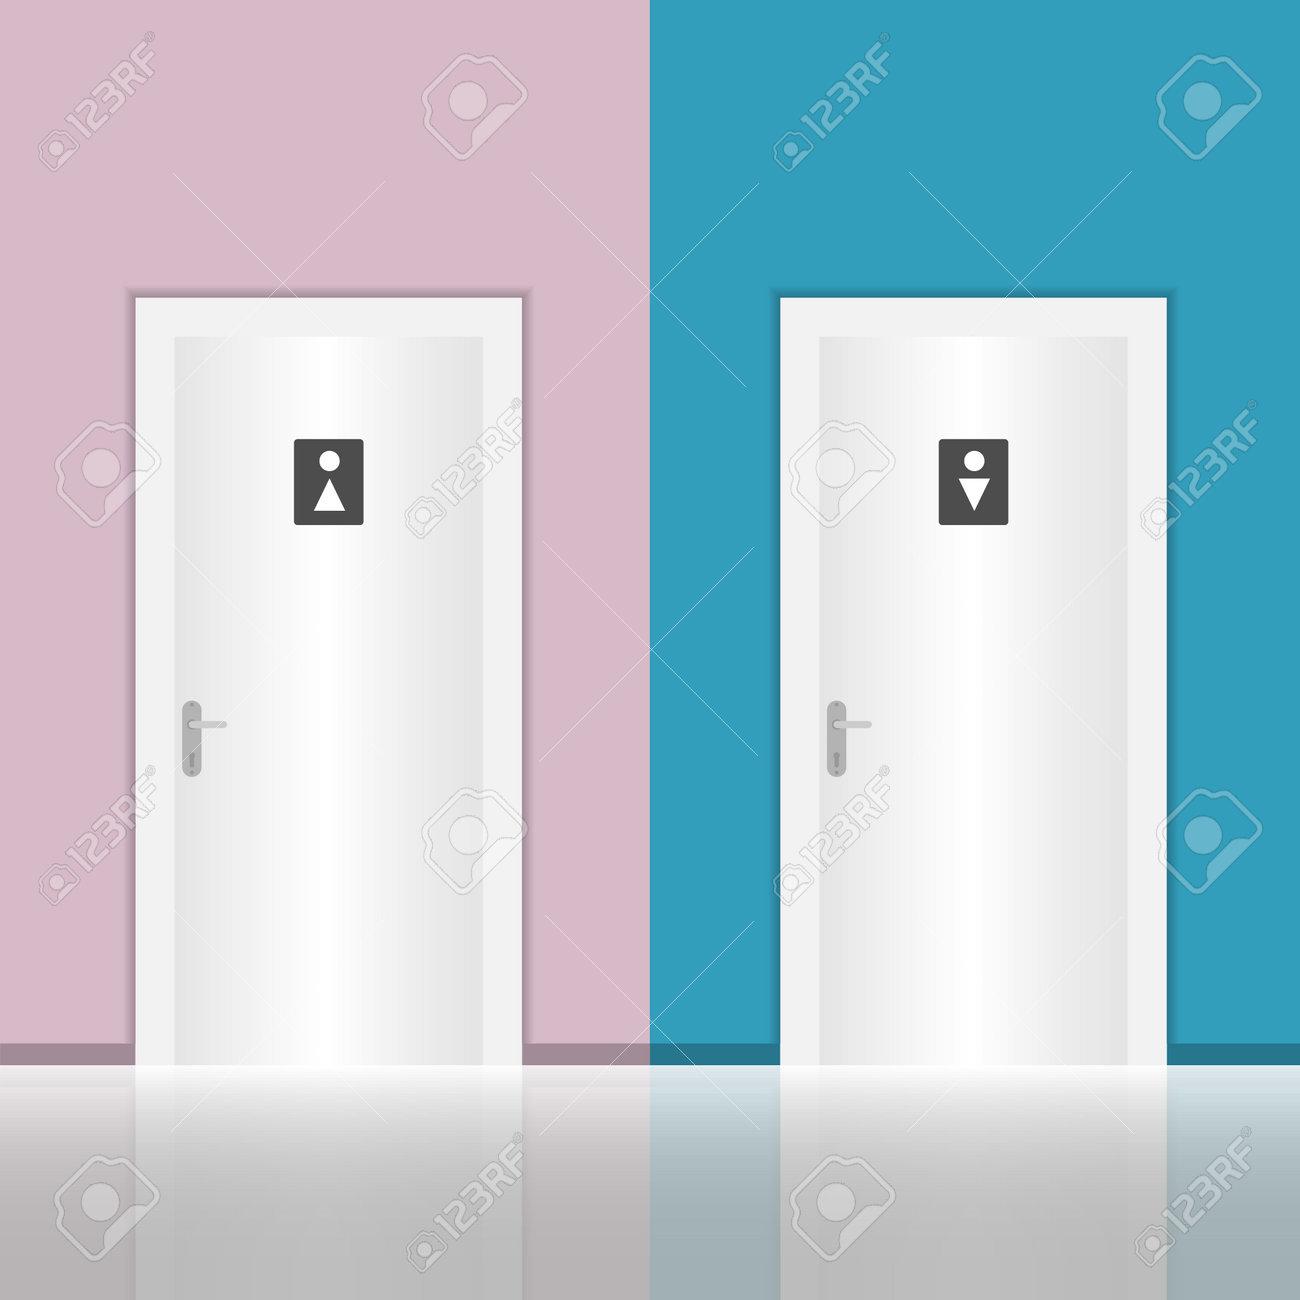 Toilet door, door to men's and women's restrooms against the background of the wall. Vector illustration. Vector. - 162890950